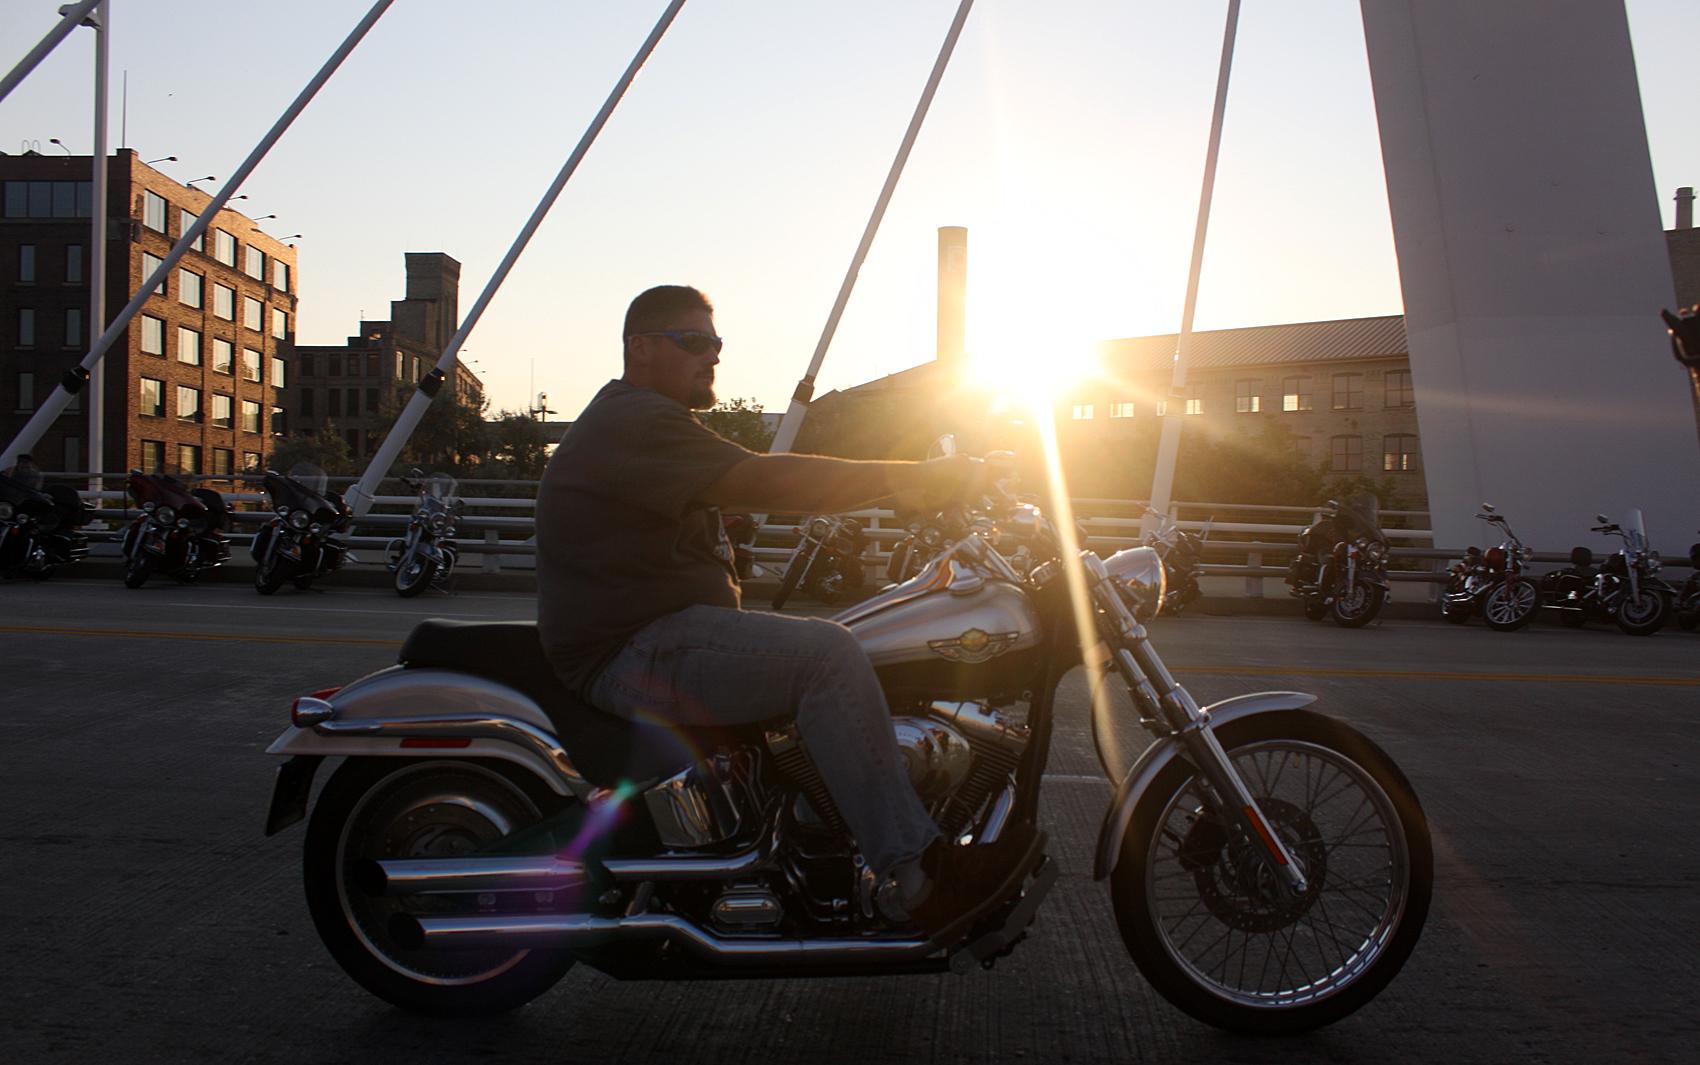 Nos Estados Unidos, existem estados nos quais não é obrigatório usar capacete para andar de moto